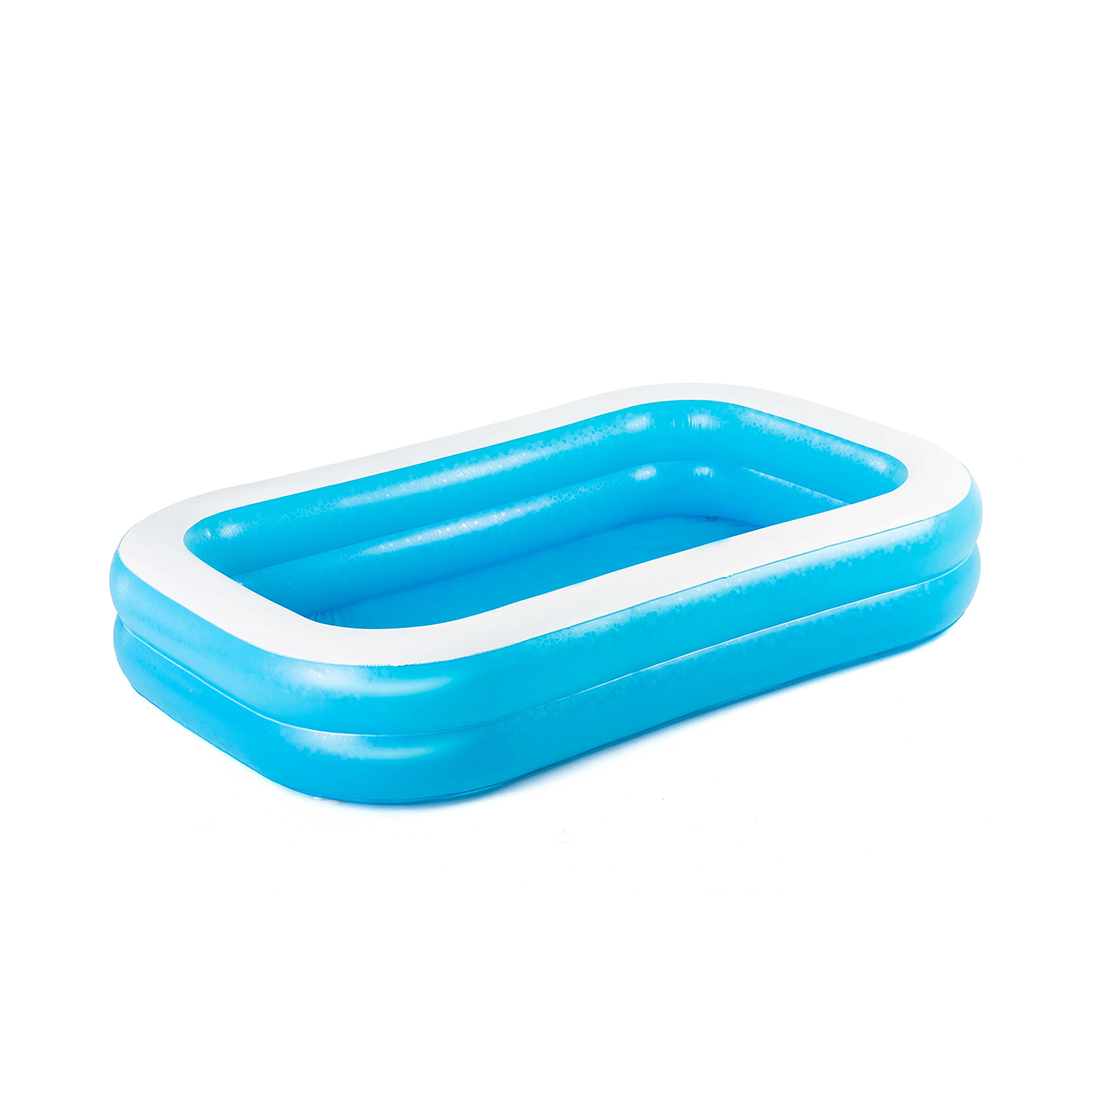 Надувной бассейн Bestway 54006 (54006E)